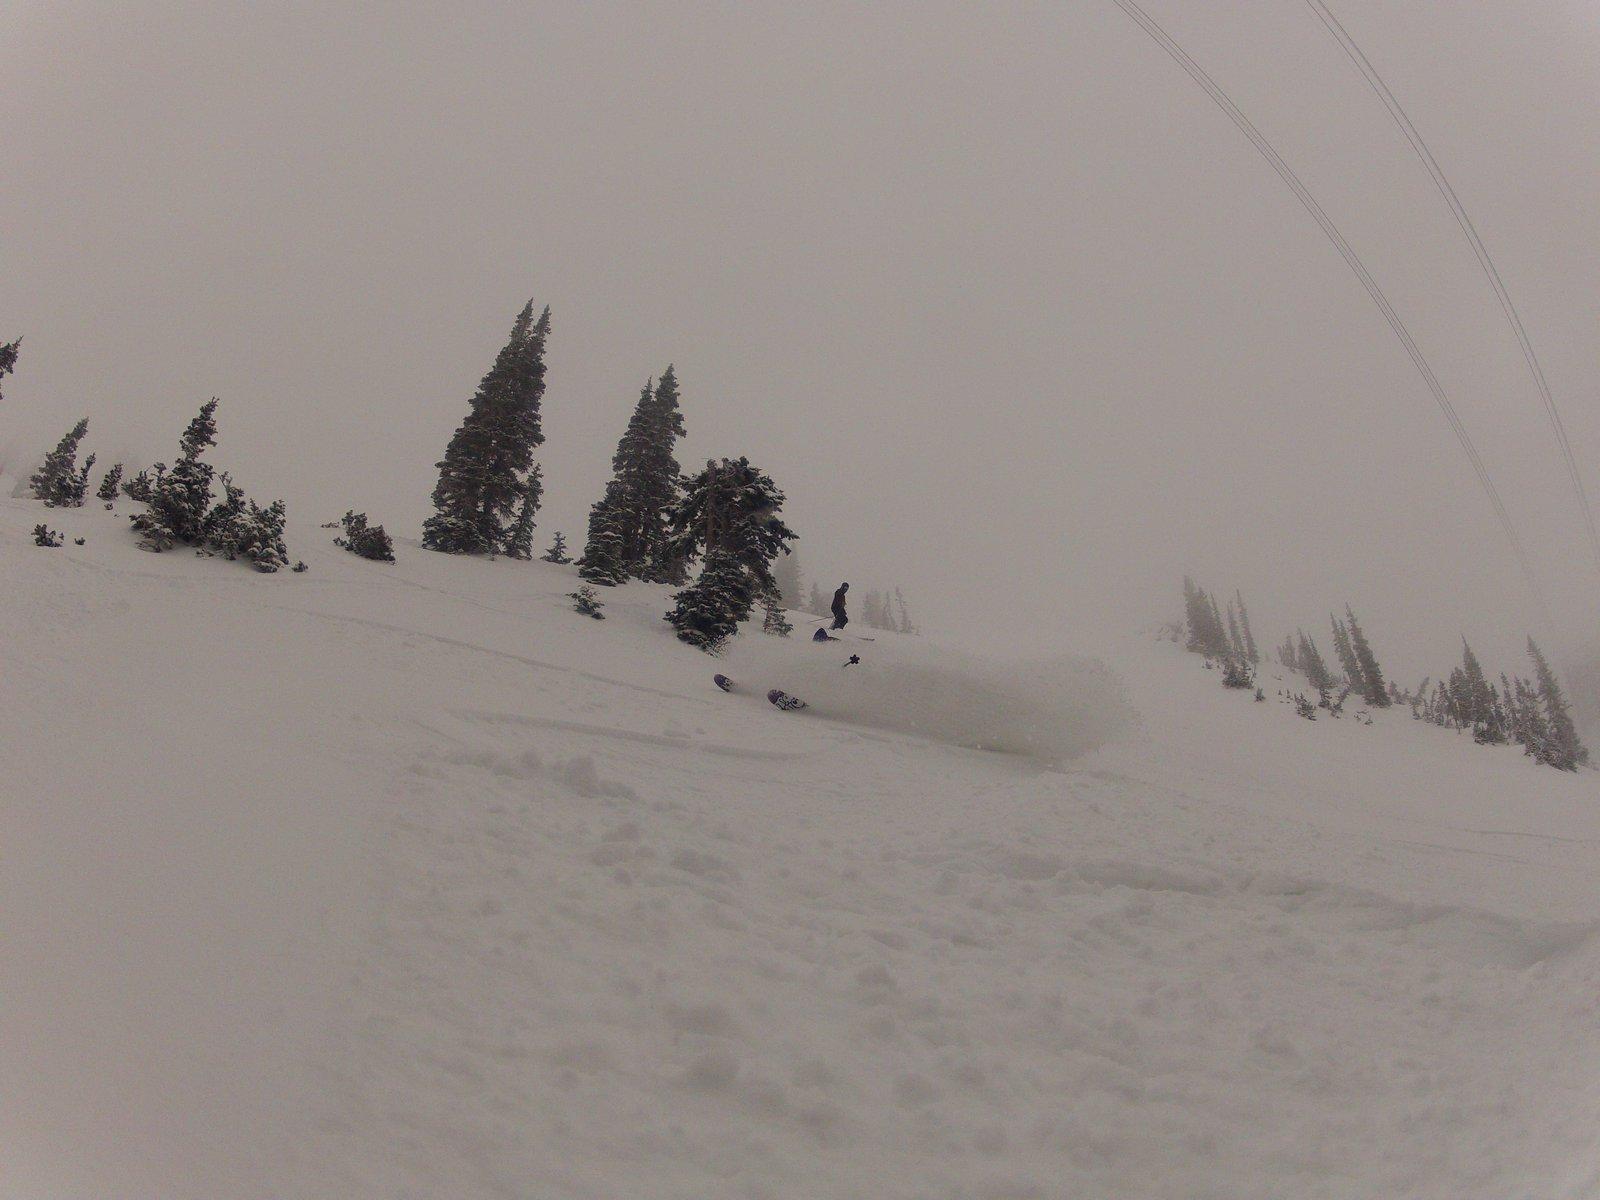 Finally some snow